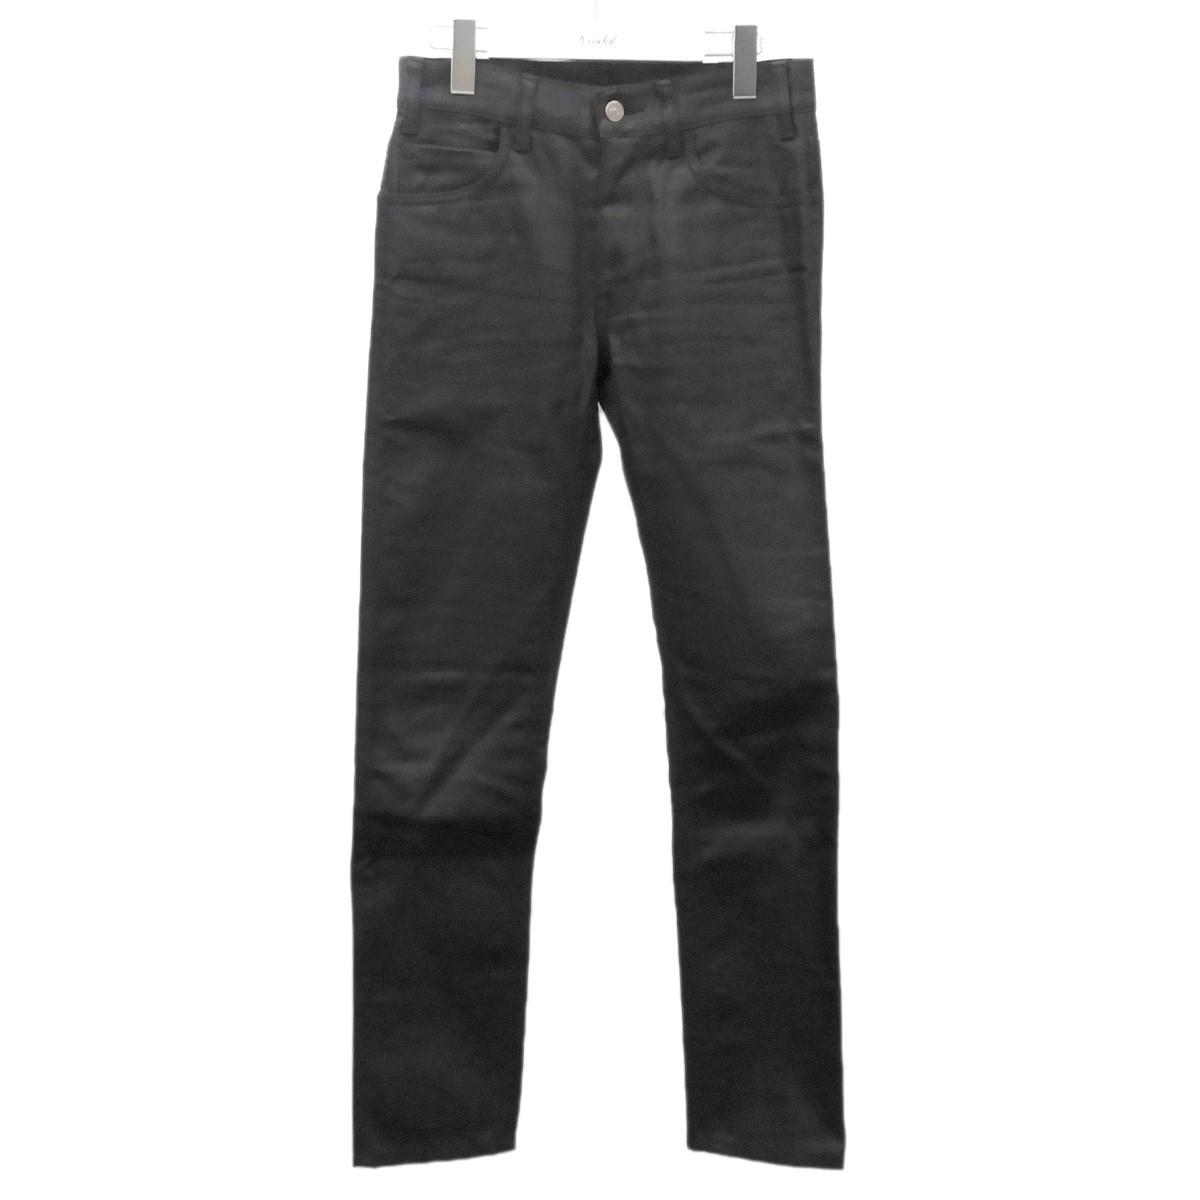 【中古】CELINE 「M ST 001」デニムパンツ ブラック サイズ:26 【290620】(セリーヌ)